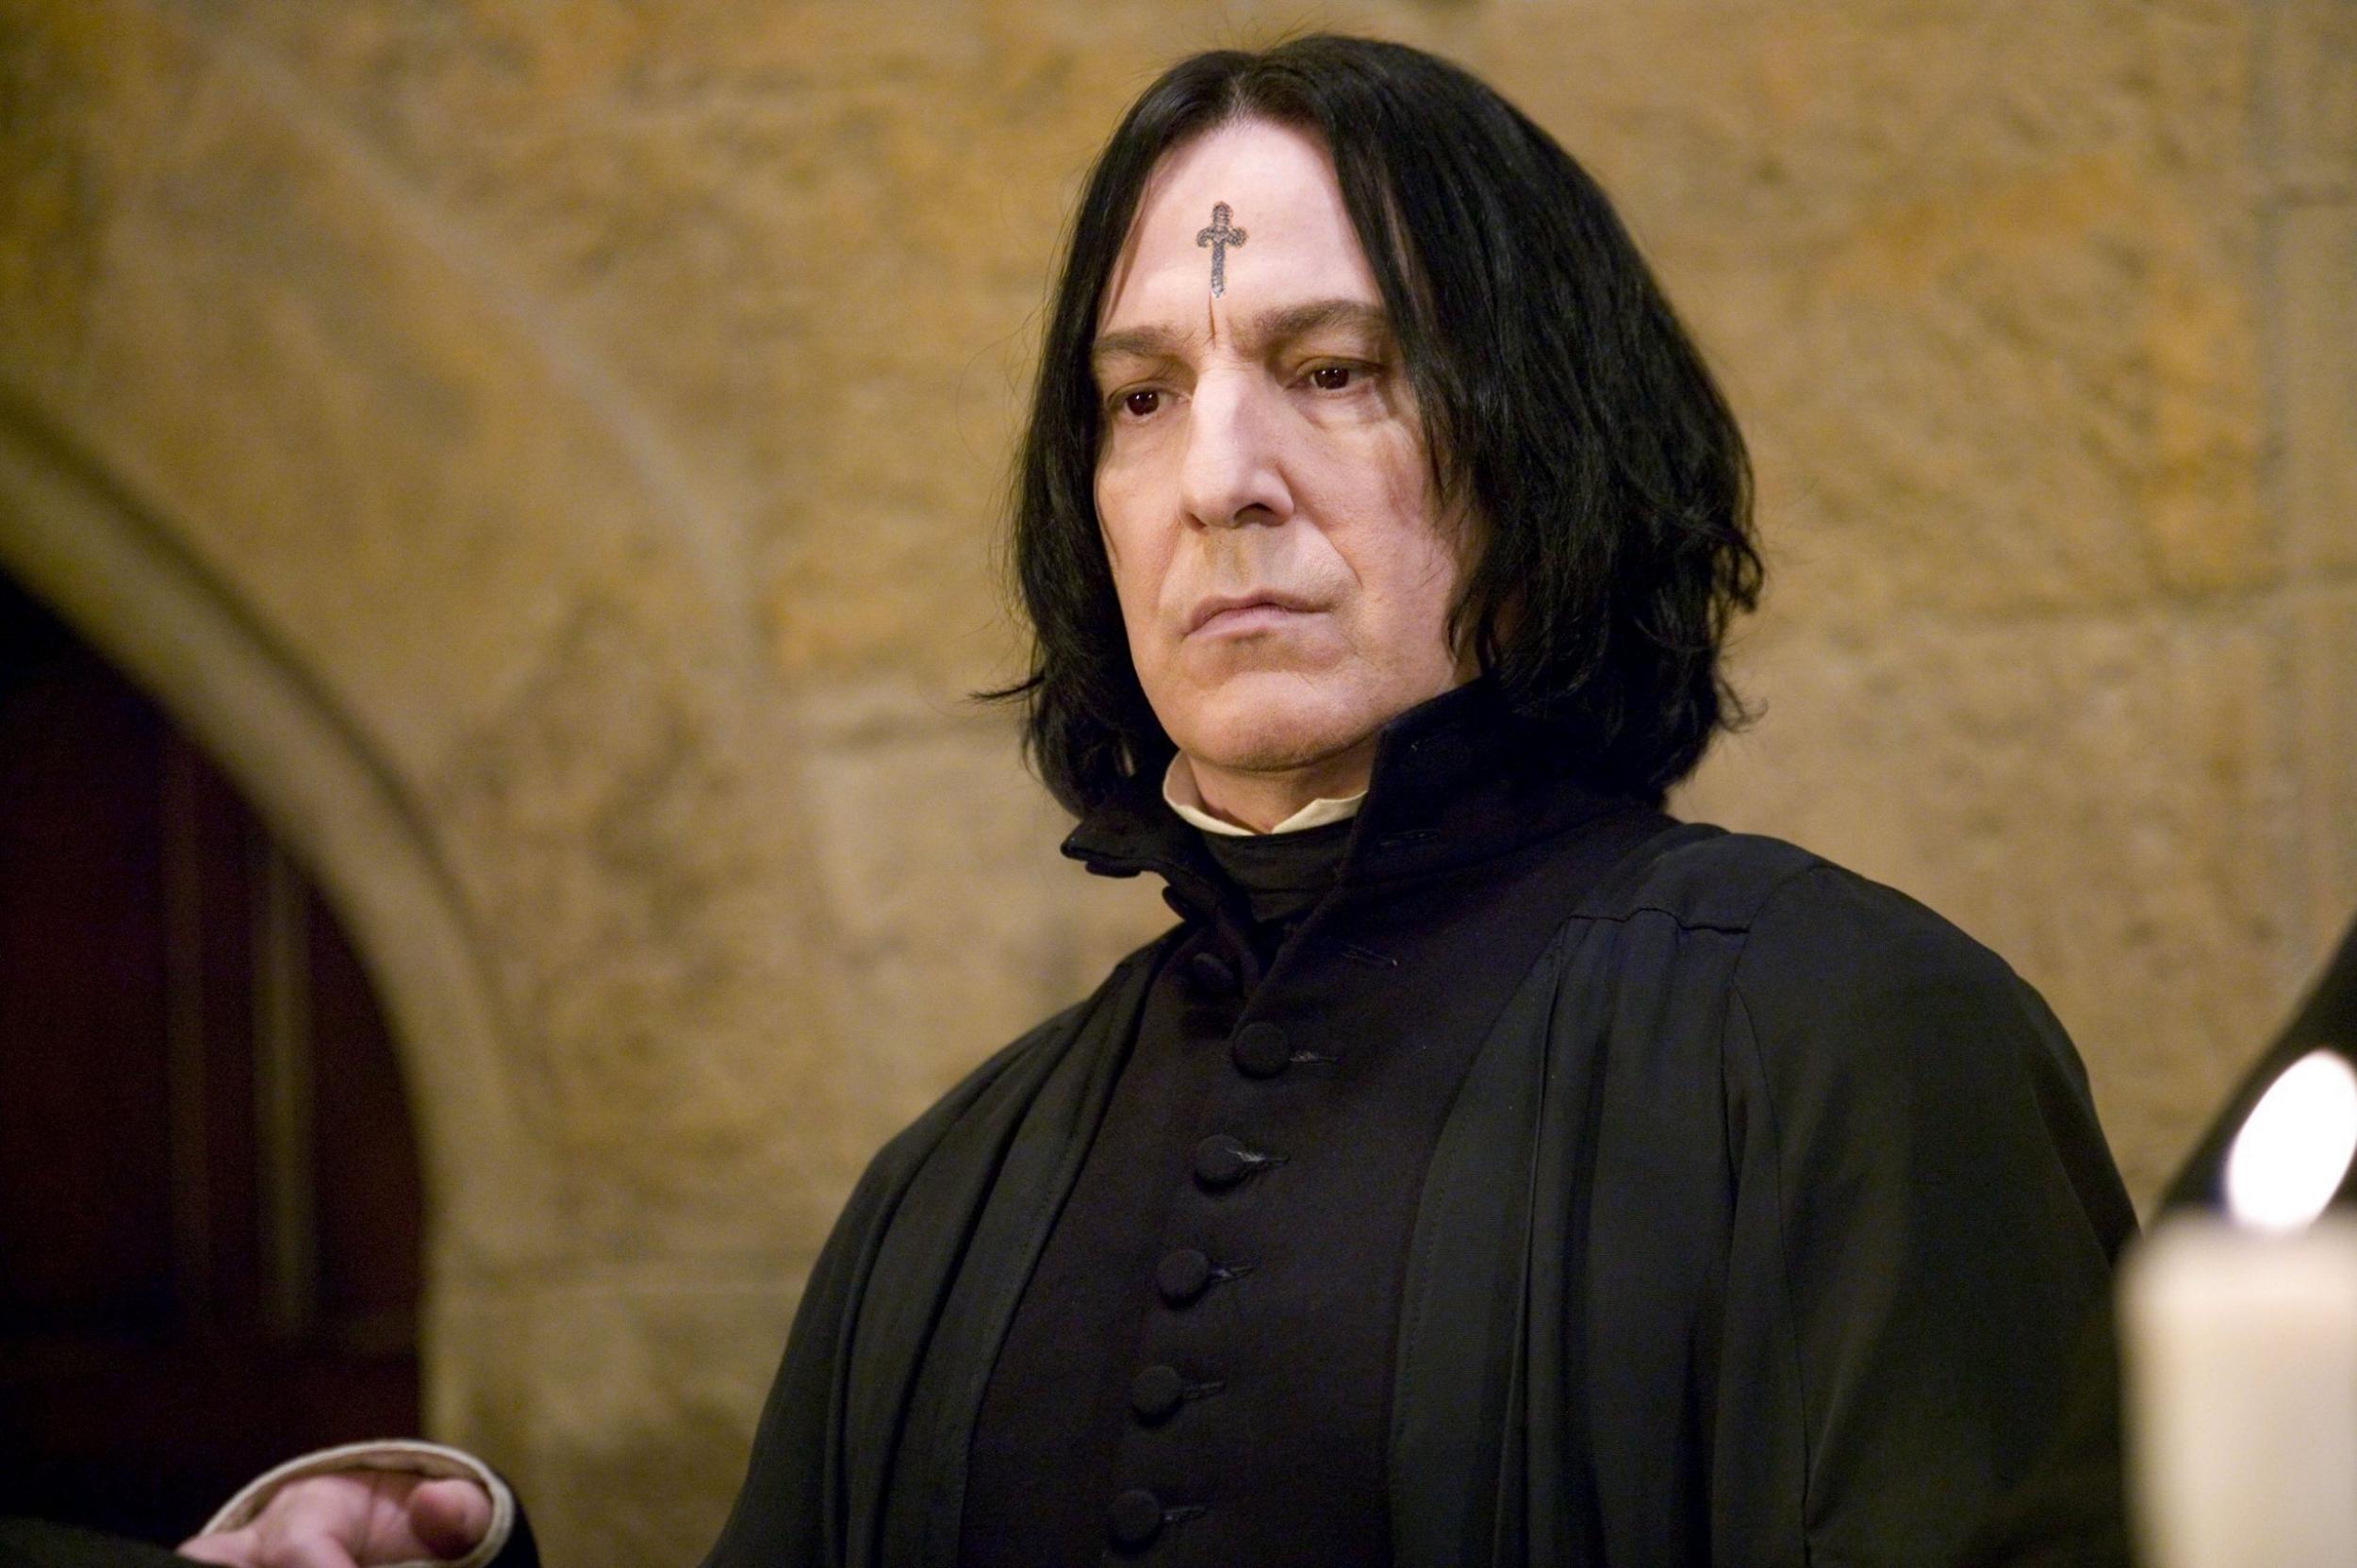 21 Savage Snape